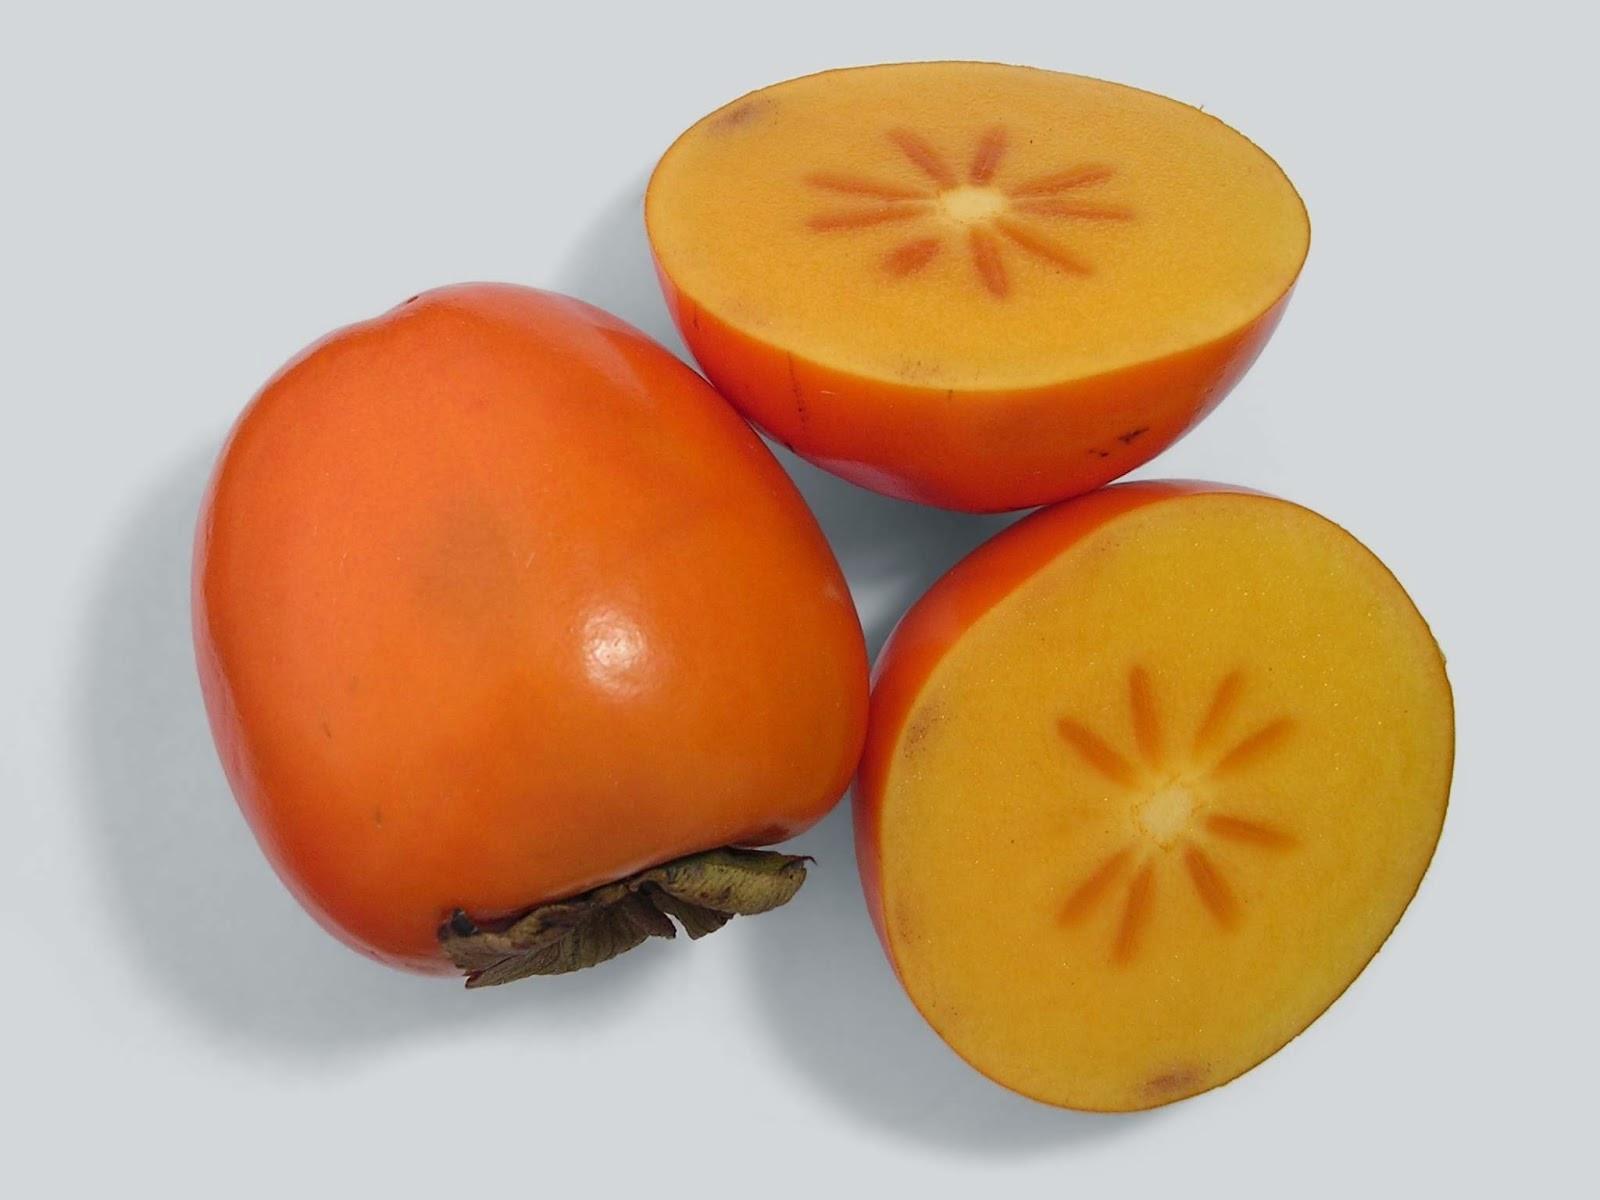 Manfaat Buah Kesemek, buah kesemek banyak manfaat, kandungan buah kesemek, khasiat buah kesemek